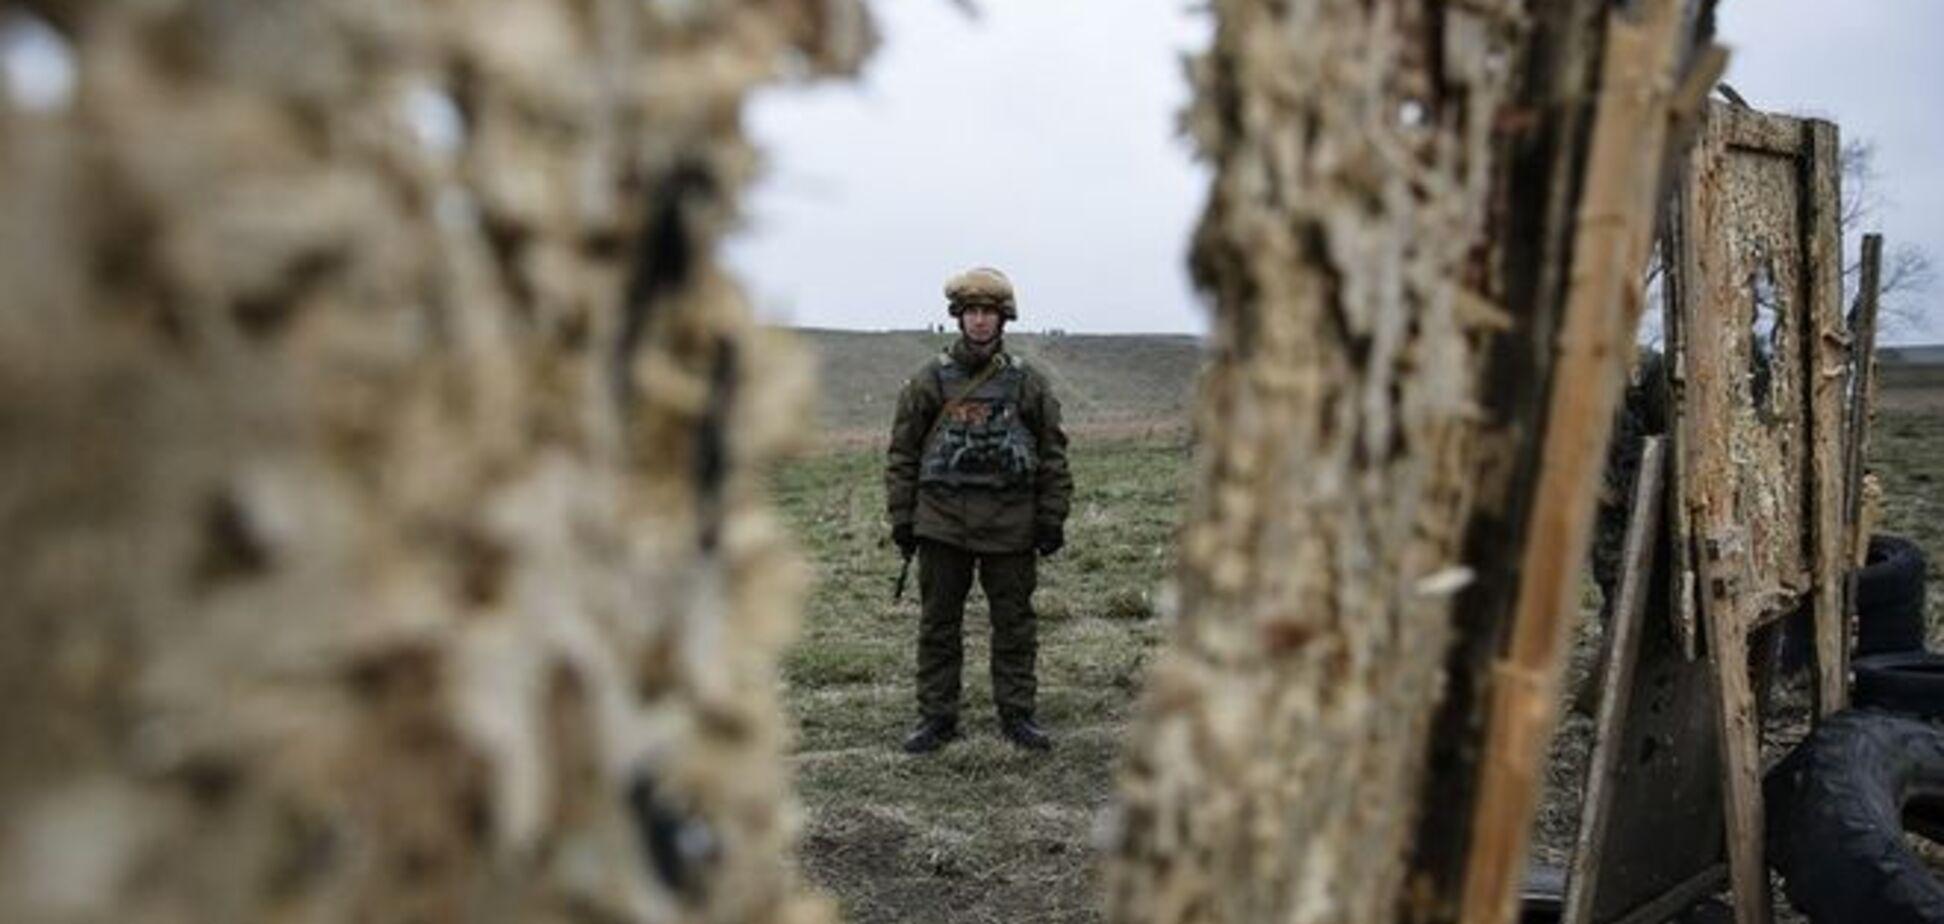 Машовец: война на Донбассе – локальная, стрельба – случайная